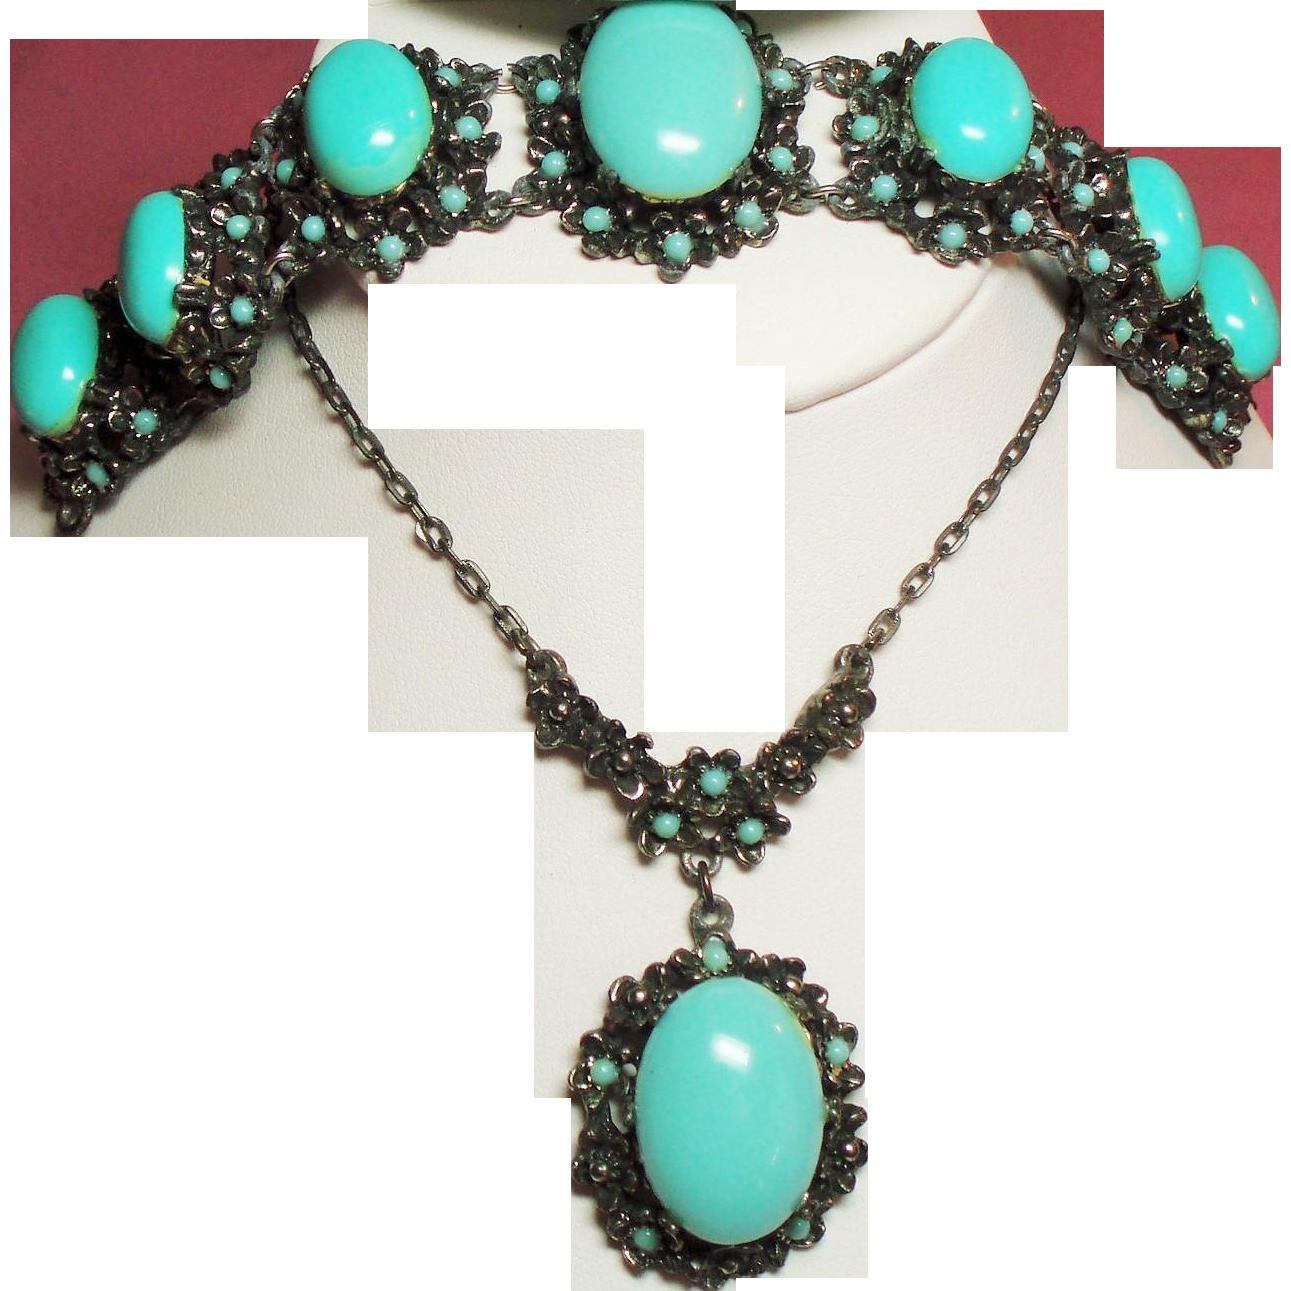 Vintage Victorian Revival Large Faux Turquoise Cabochon Stone Pendant Necklace Bracelet Demi Parure